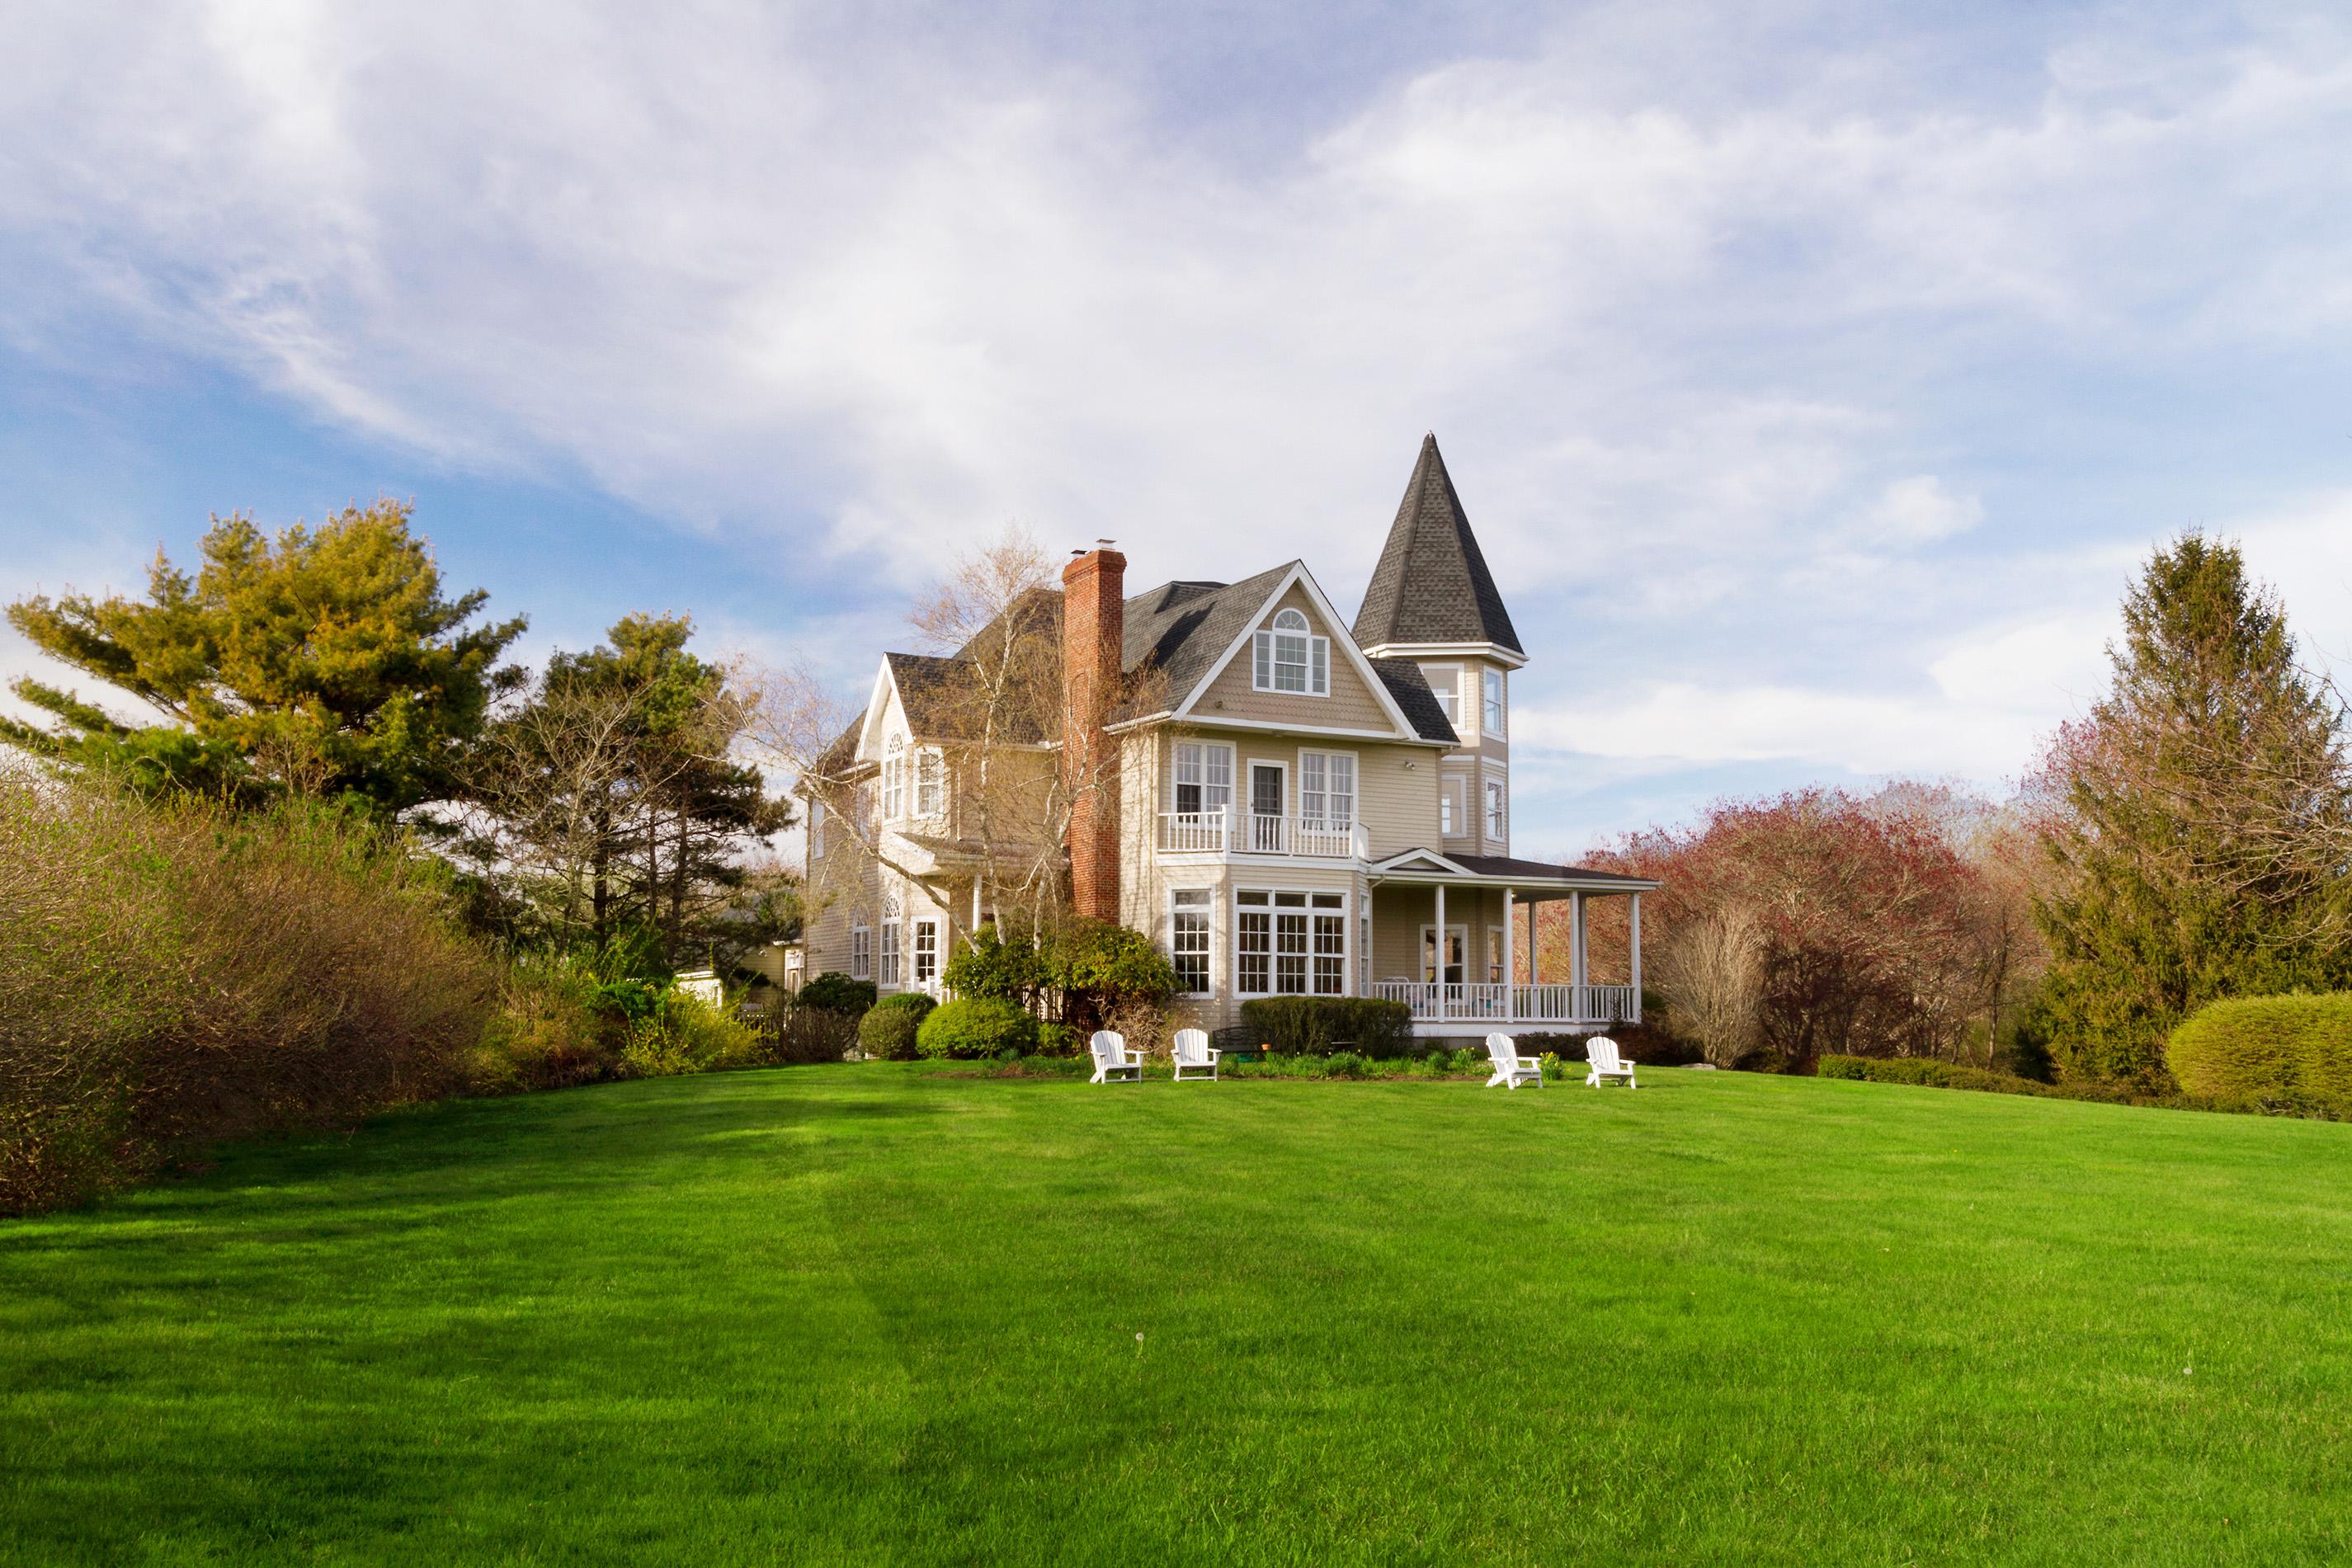 House of the Week: Narragansett Victorian has ample rooms, salt water pool